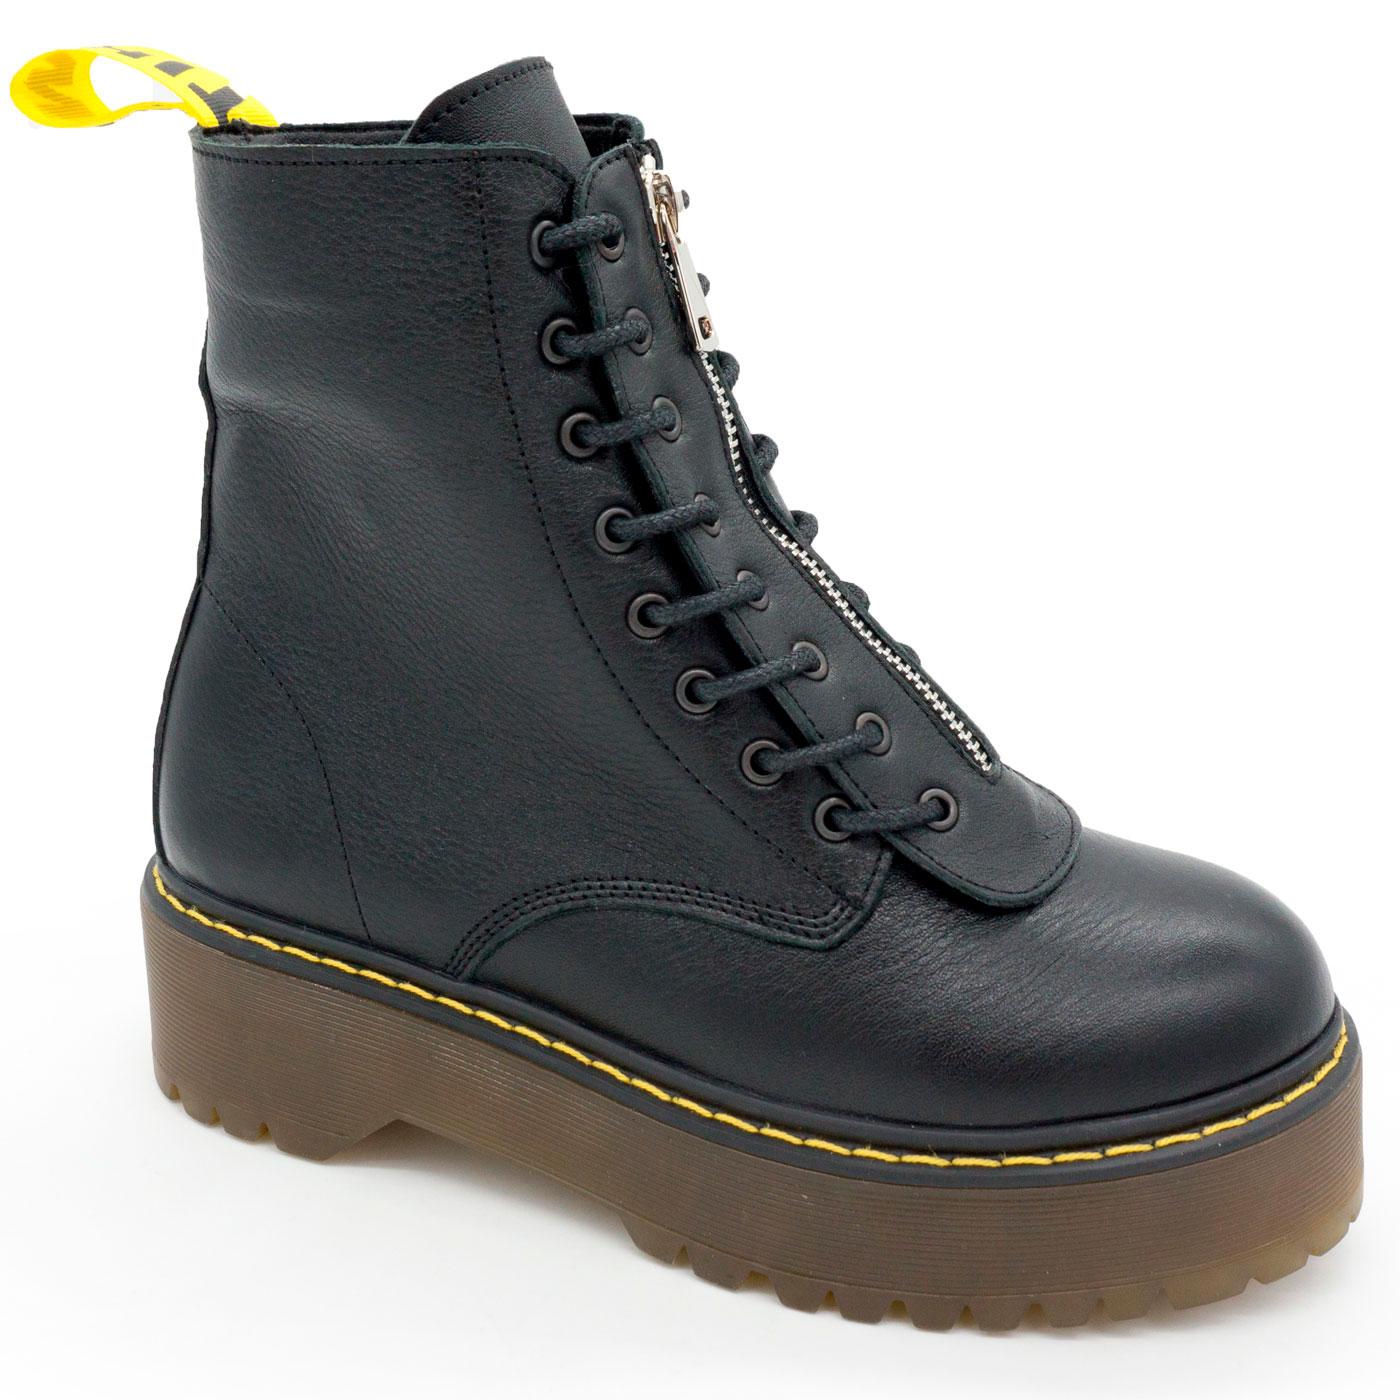 фото main Черные женские кожаные ботинки с мехом на платформе в стиле Dr. Martens main